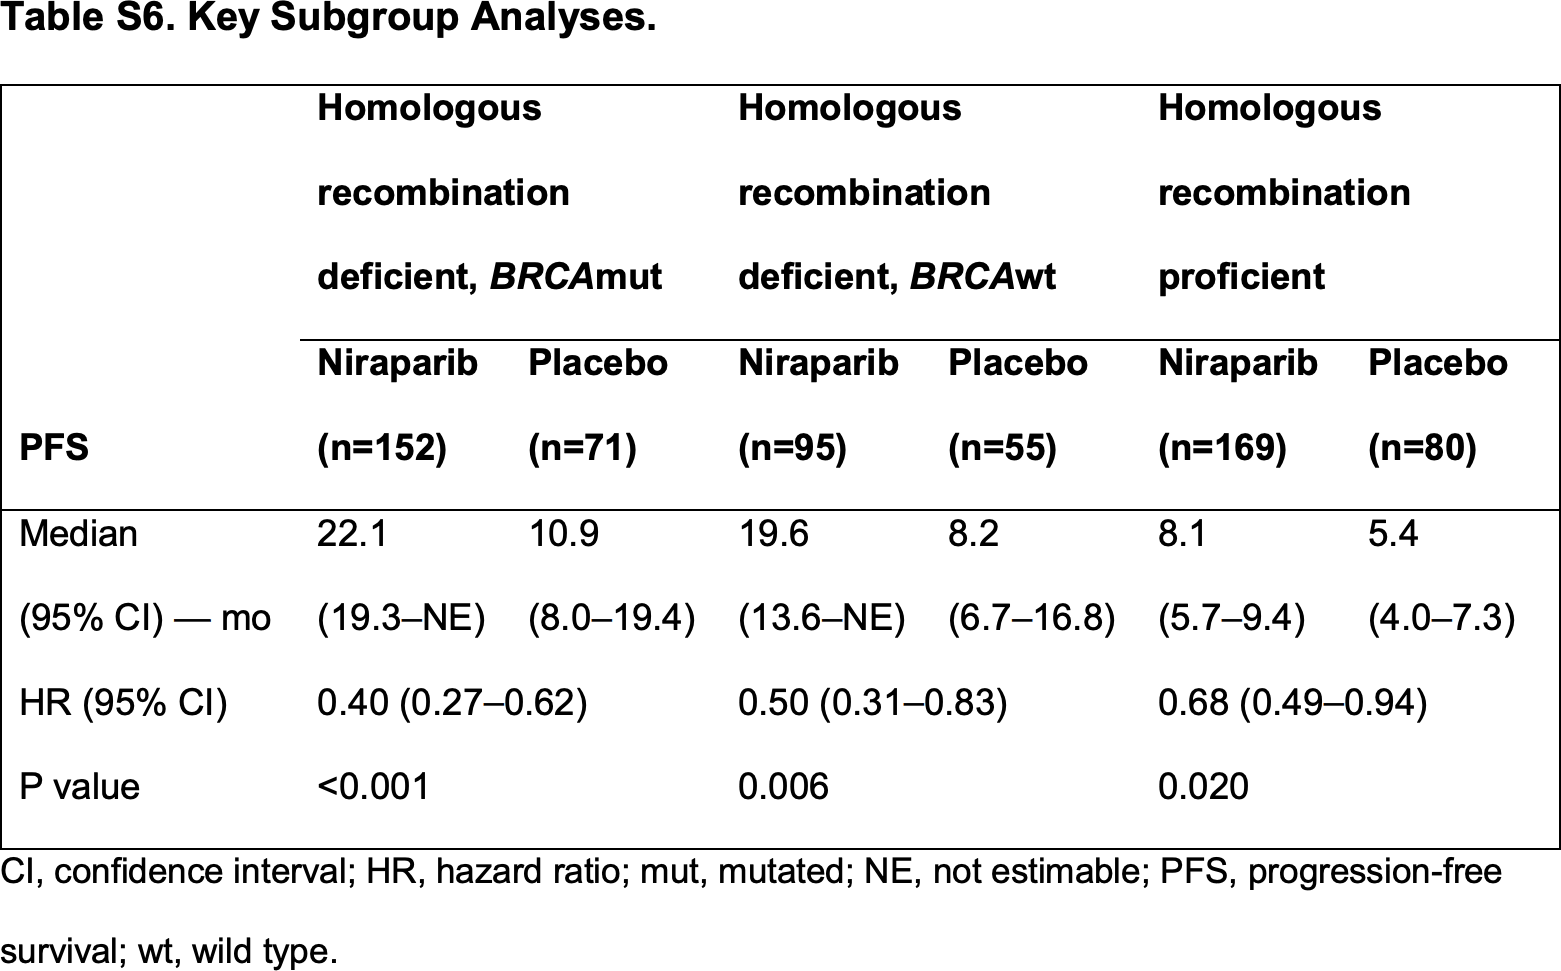 nct02655016 results 03 - «Заджула»: поддерживающая терапия рака яичников для любых пациентов